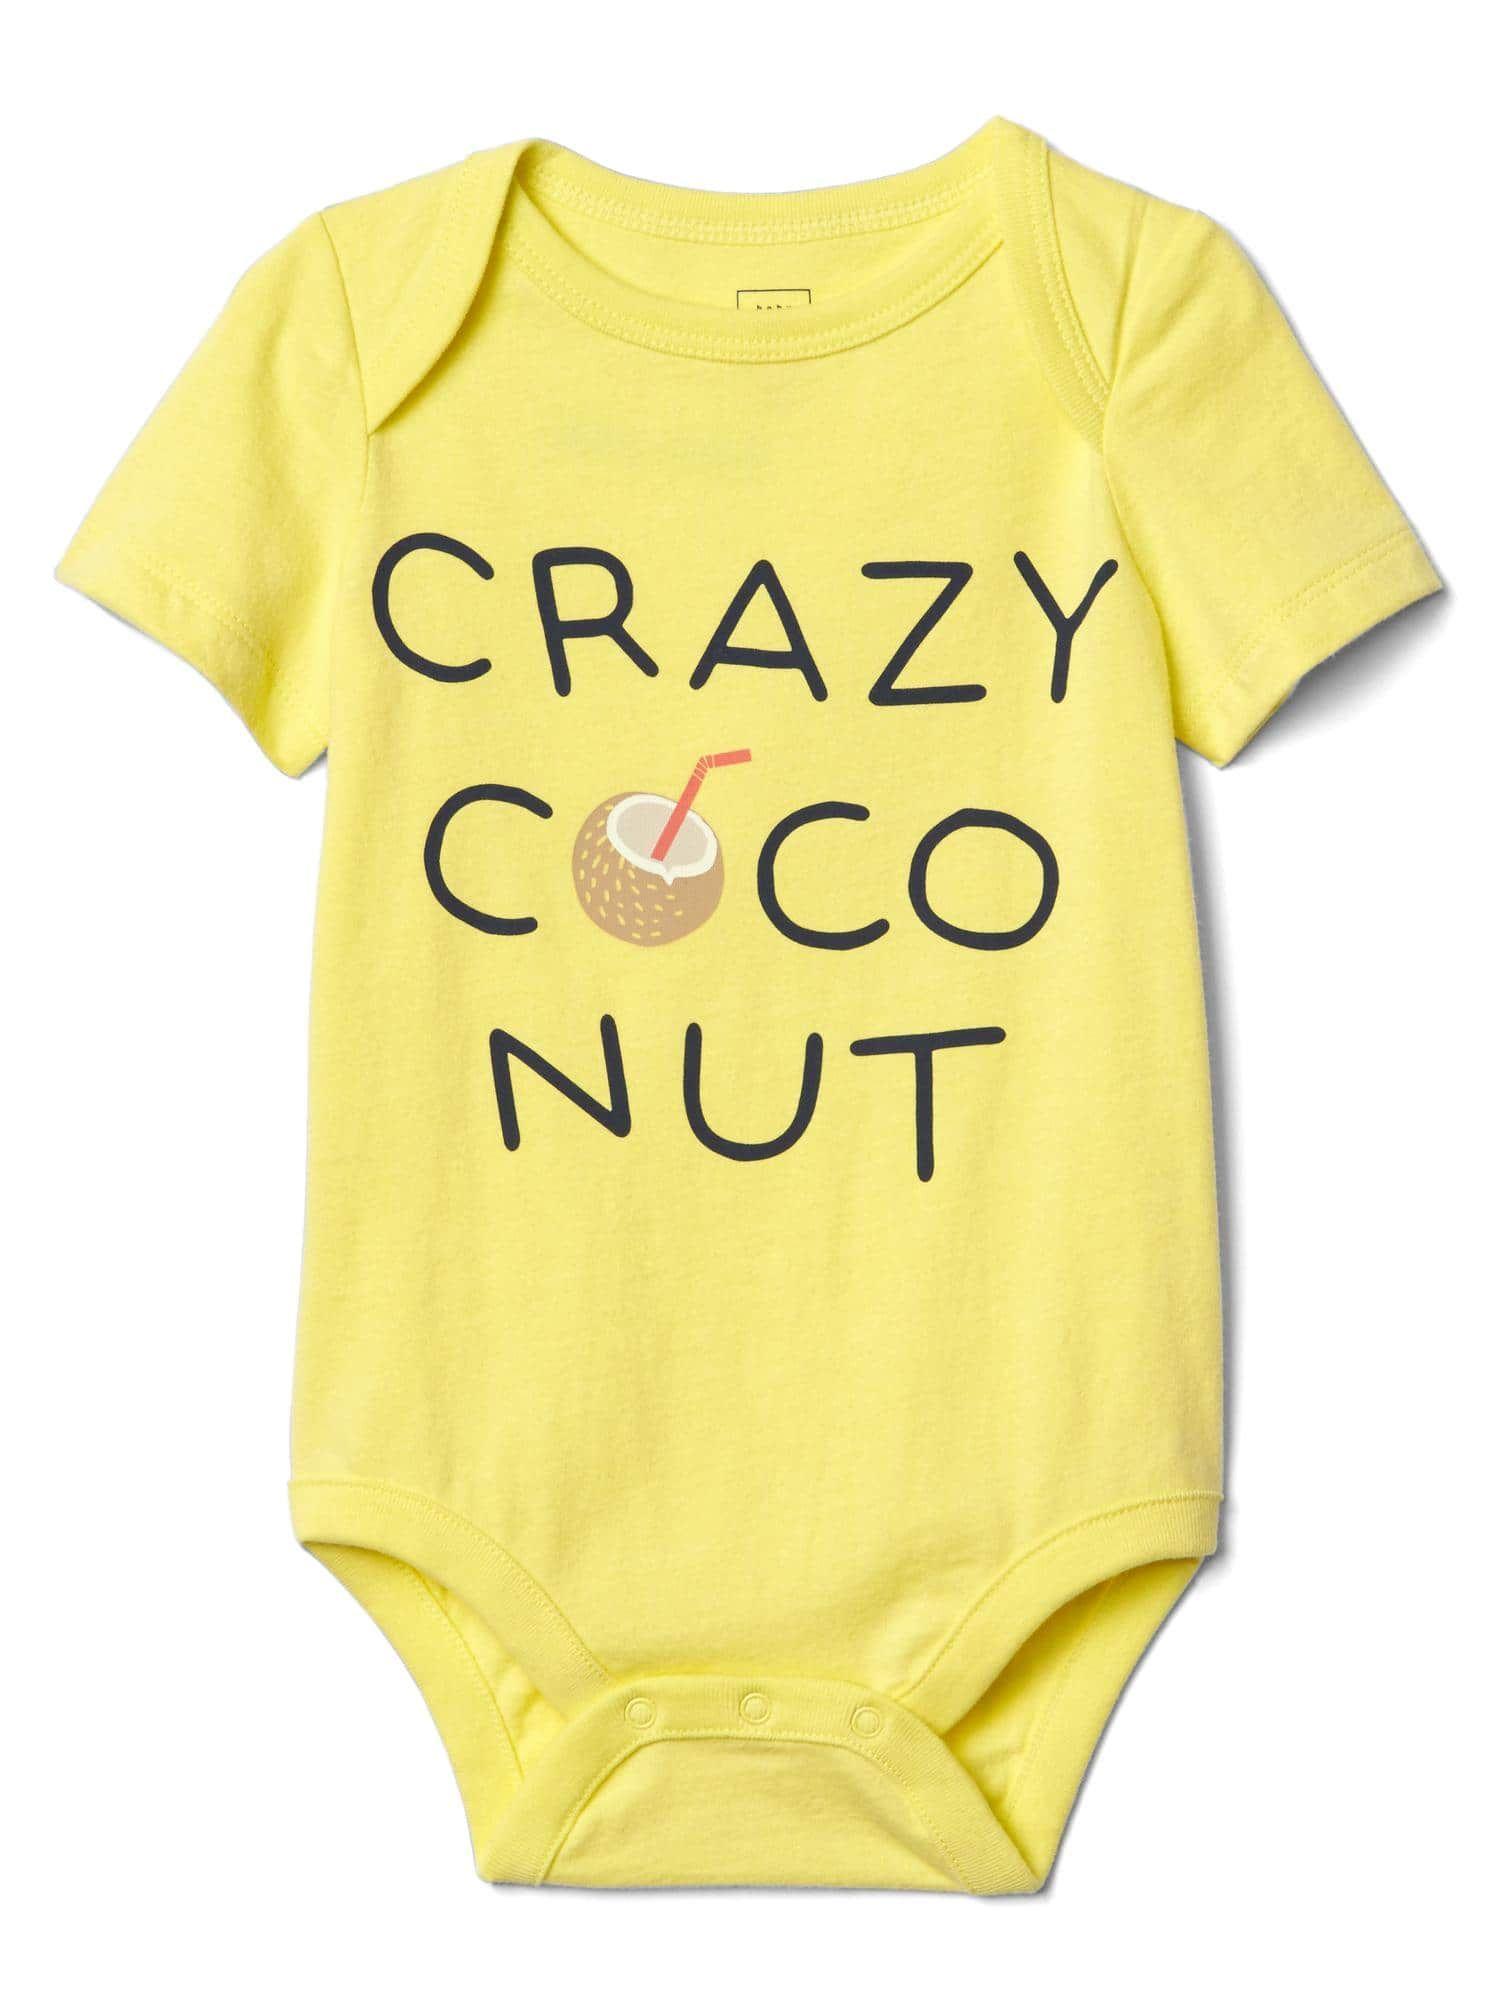 Coco Loco Baby Fever Pinterest